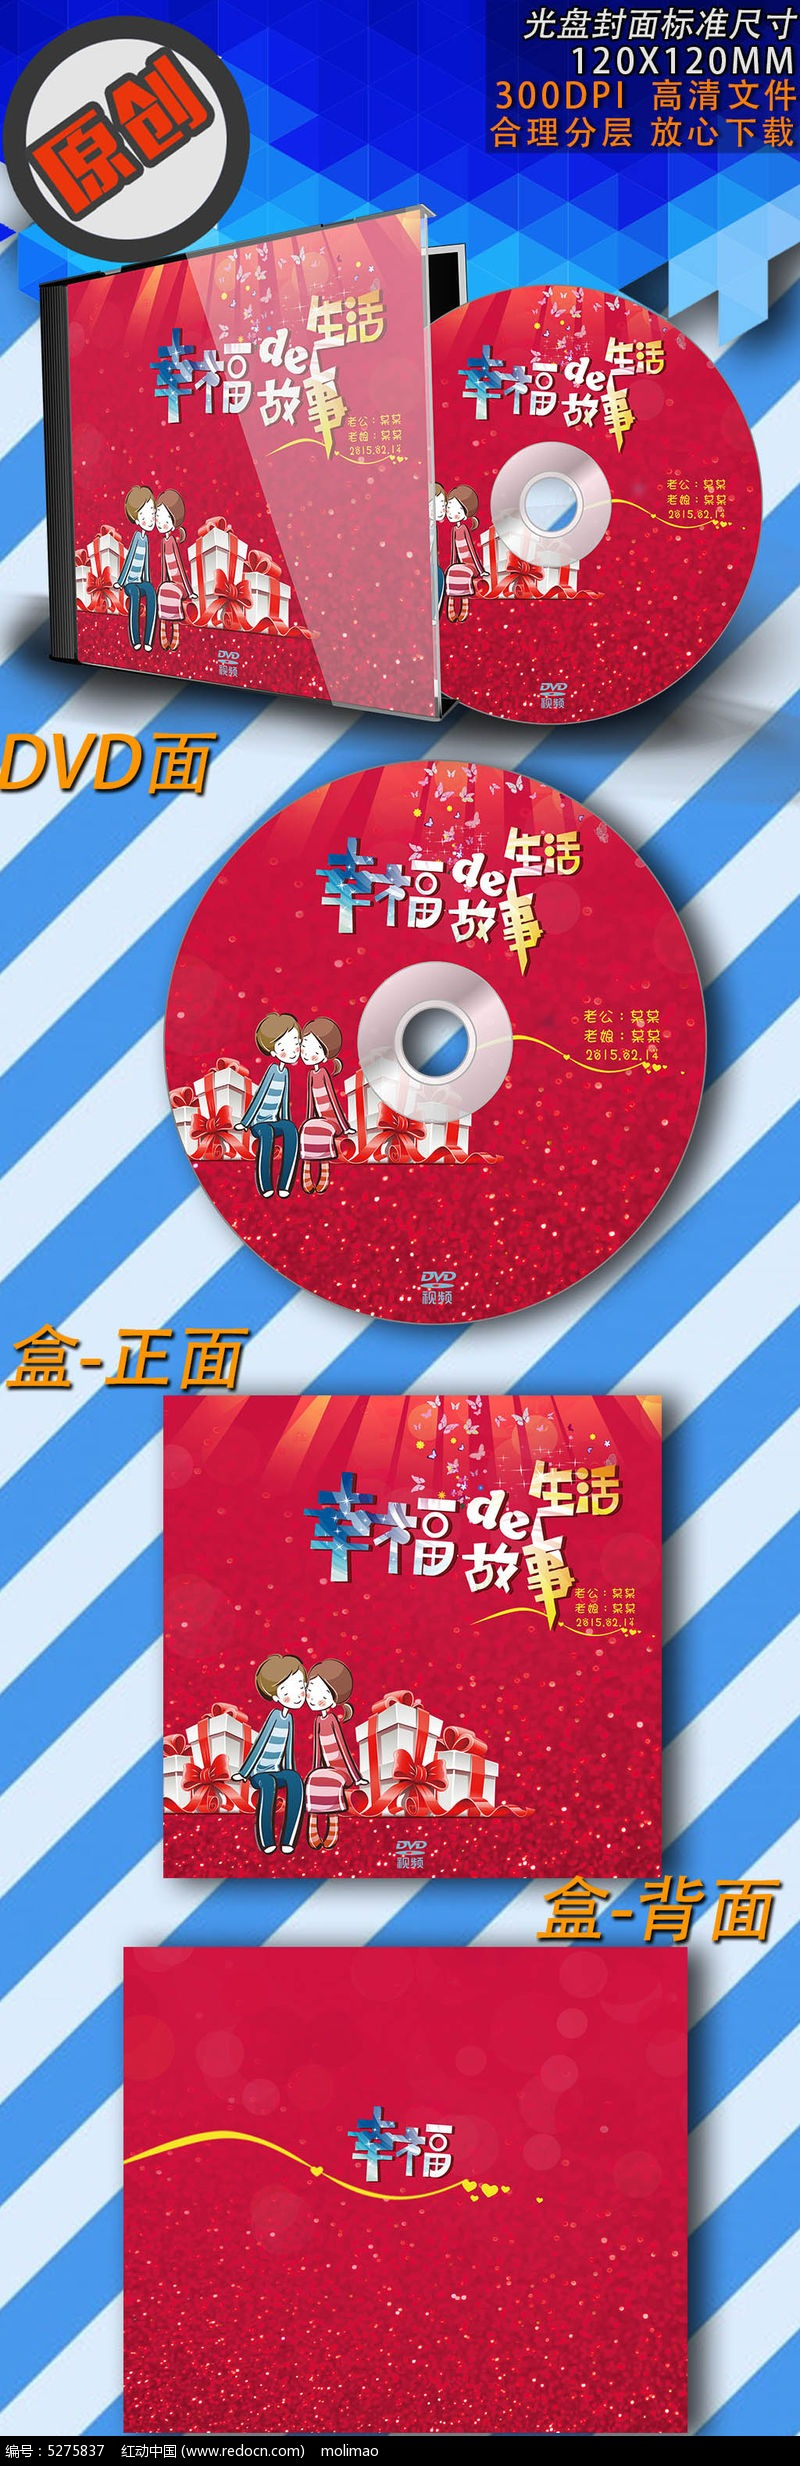 卡通婚礼光盘封面下载图片